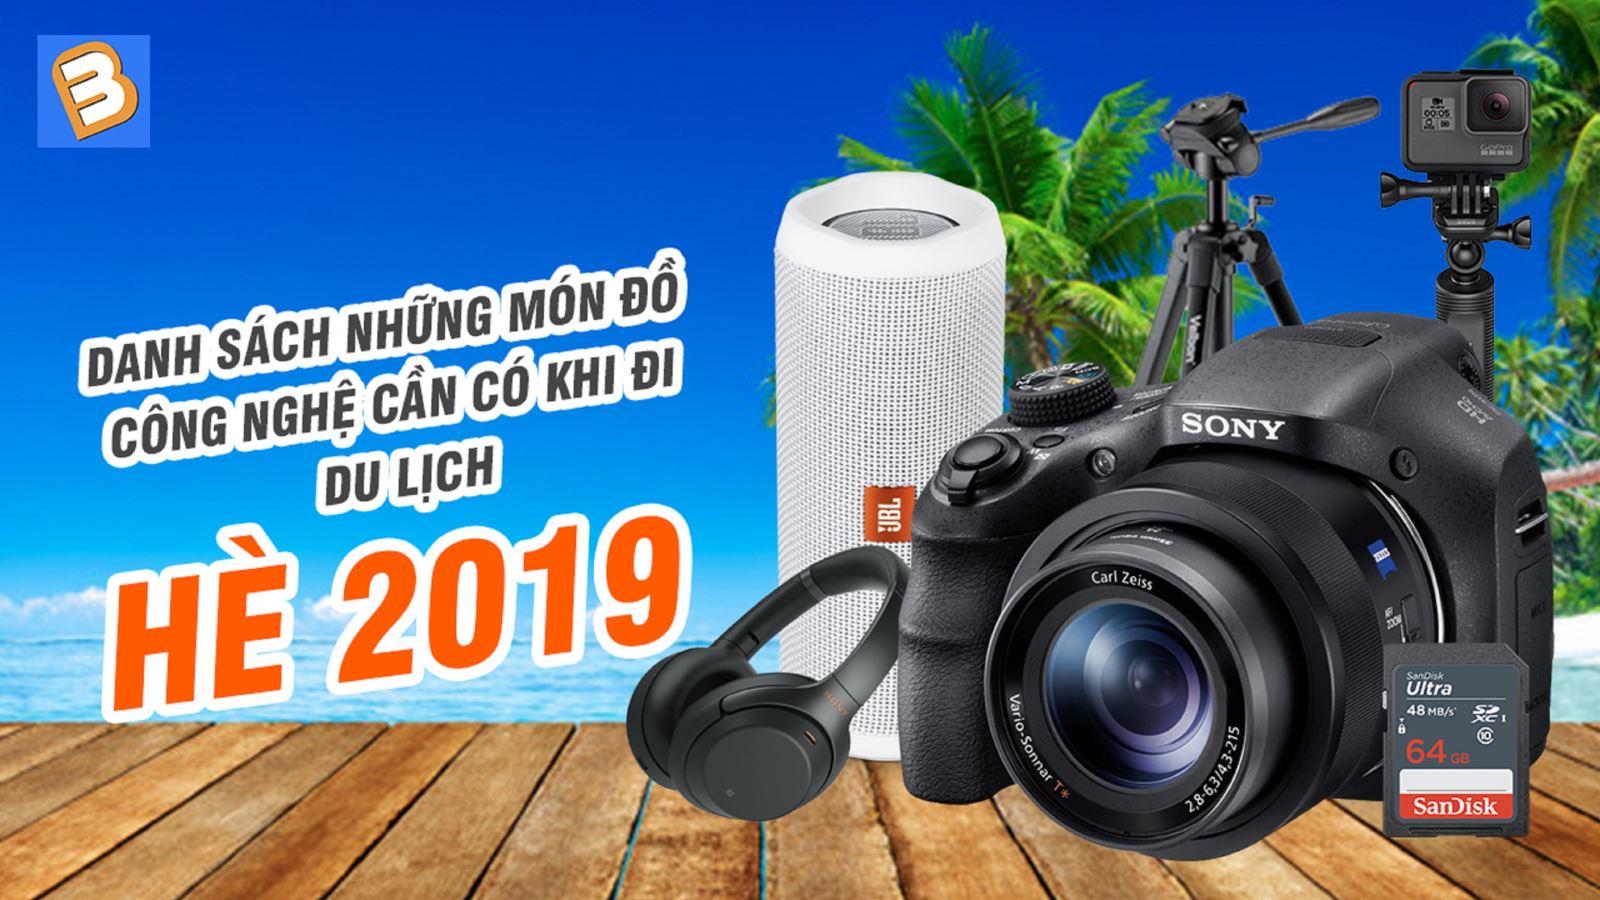 Danh sách những món đồ công nghệ cần có khi đi du lịch hè 2019